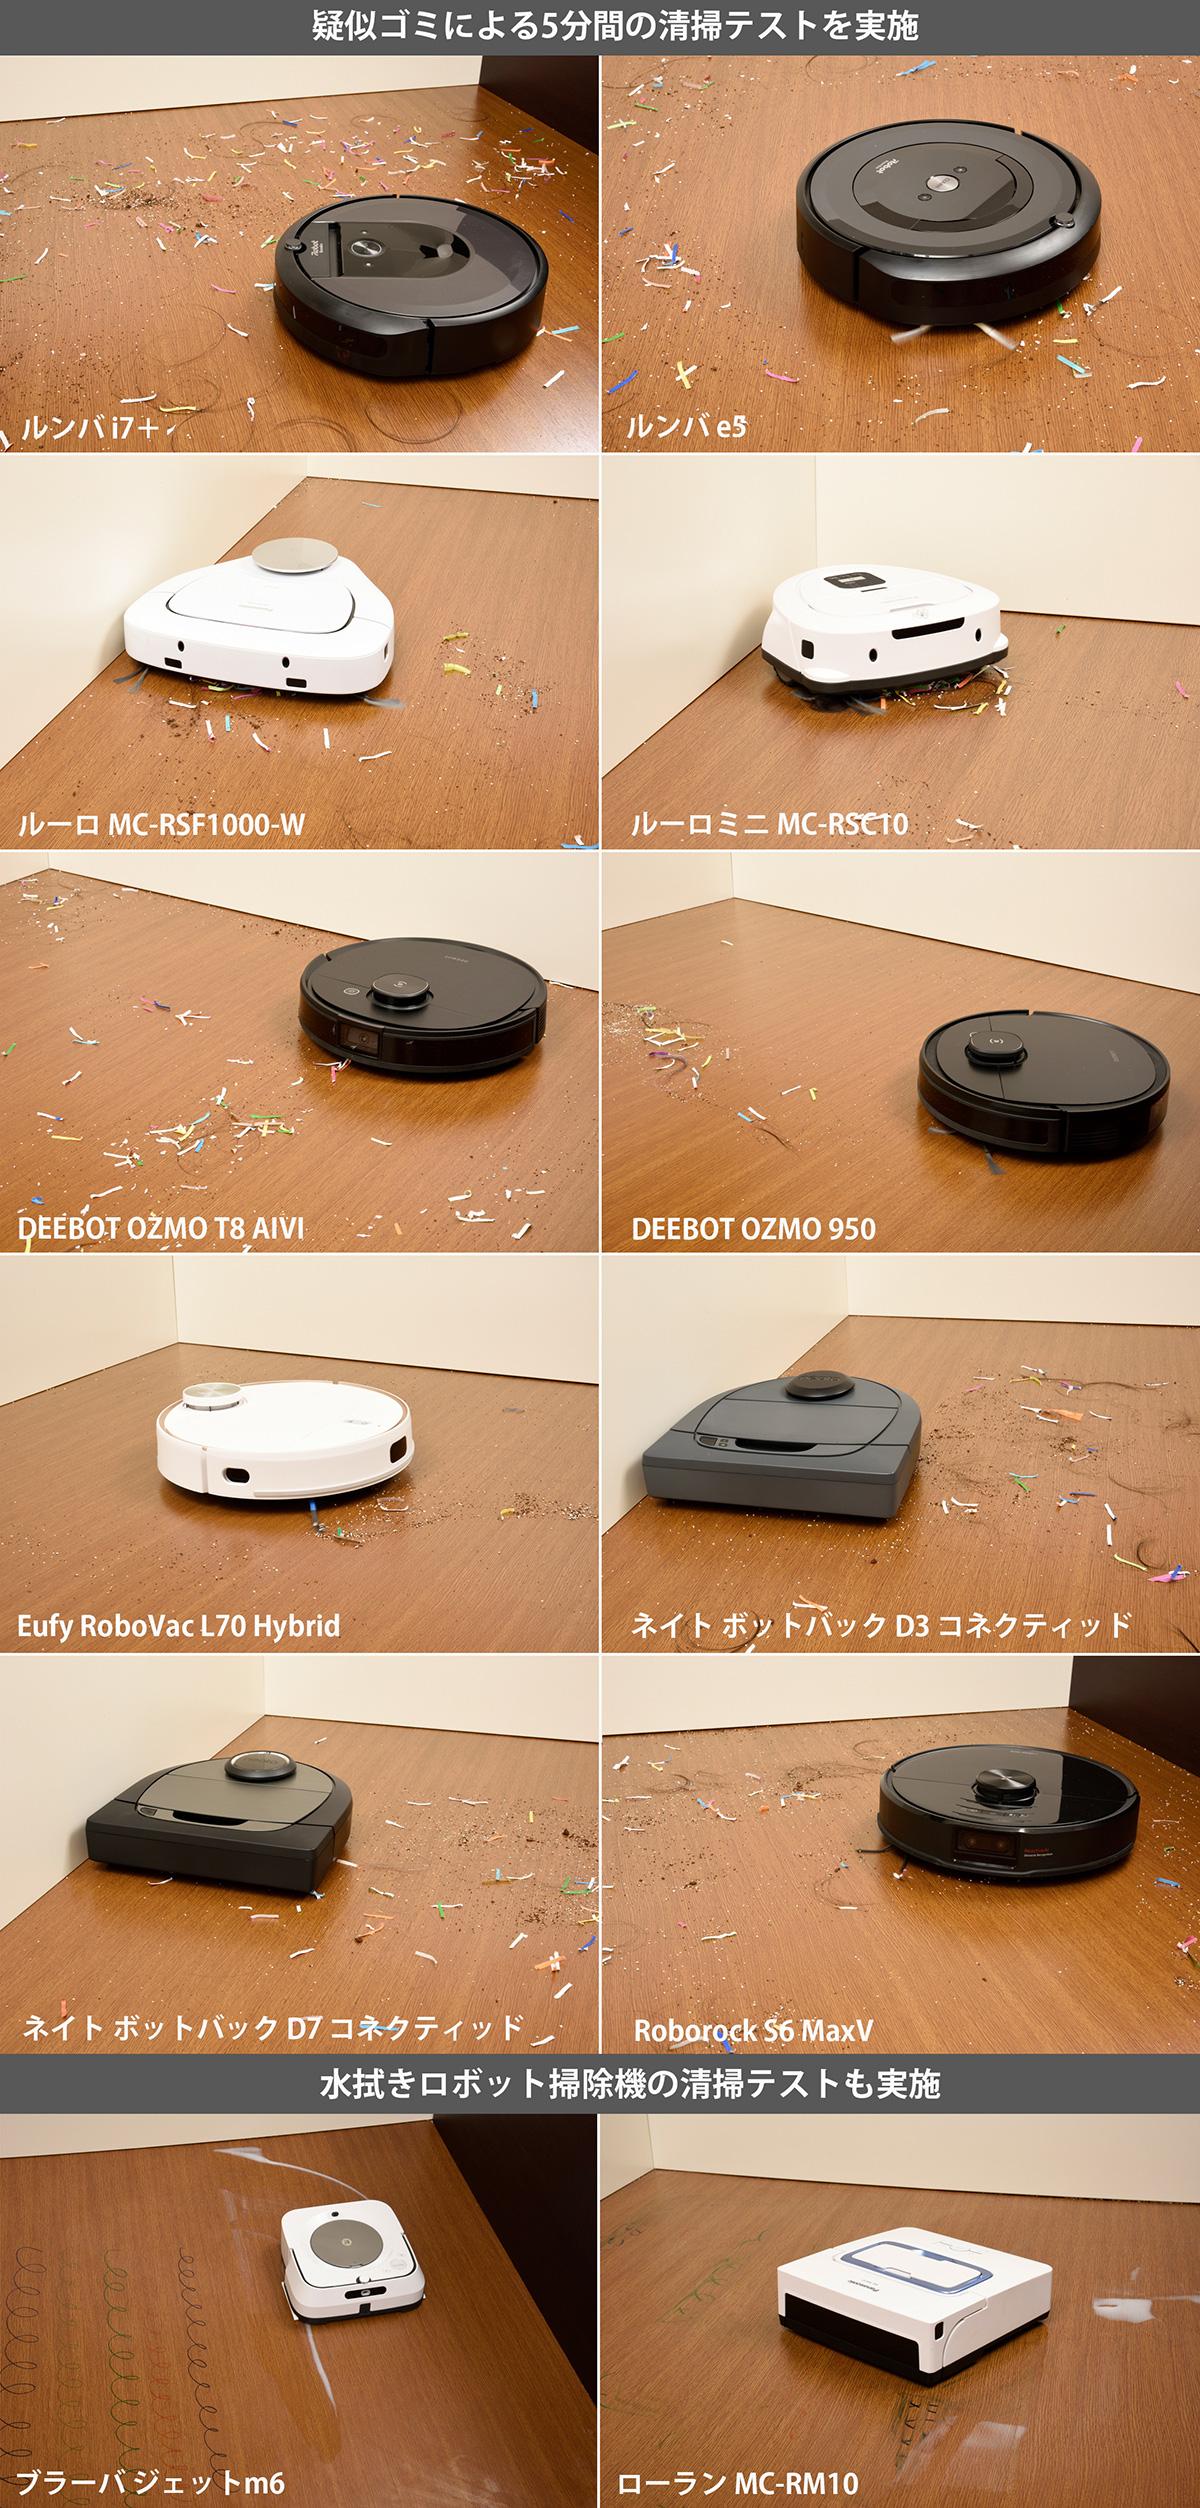 ロボット掃除機12機種の吸引掃除している様子画像